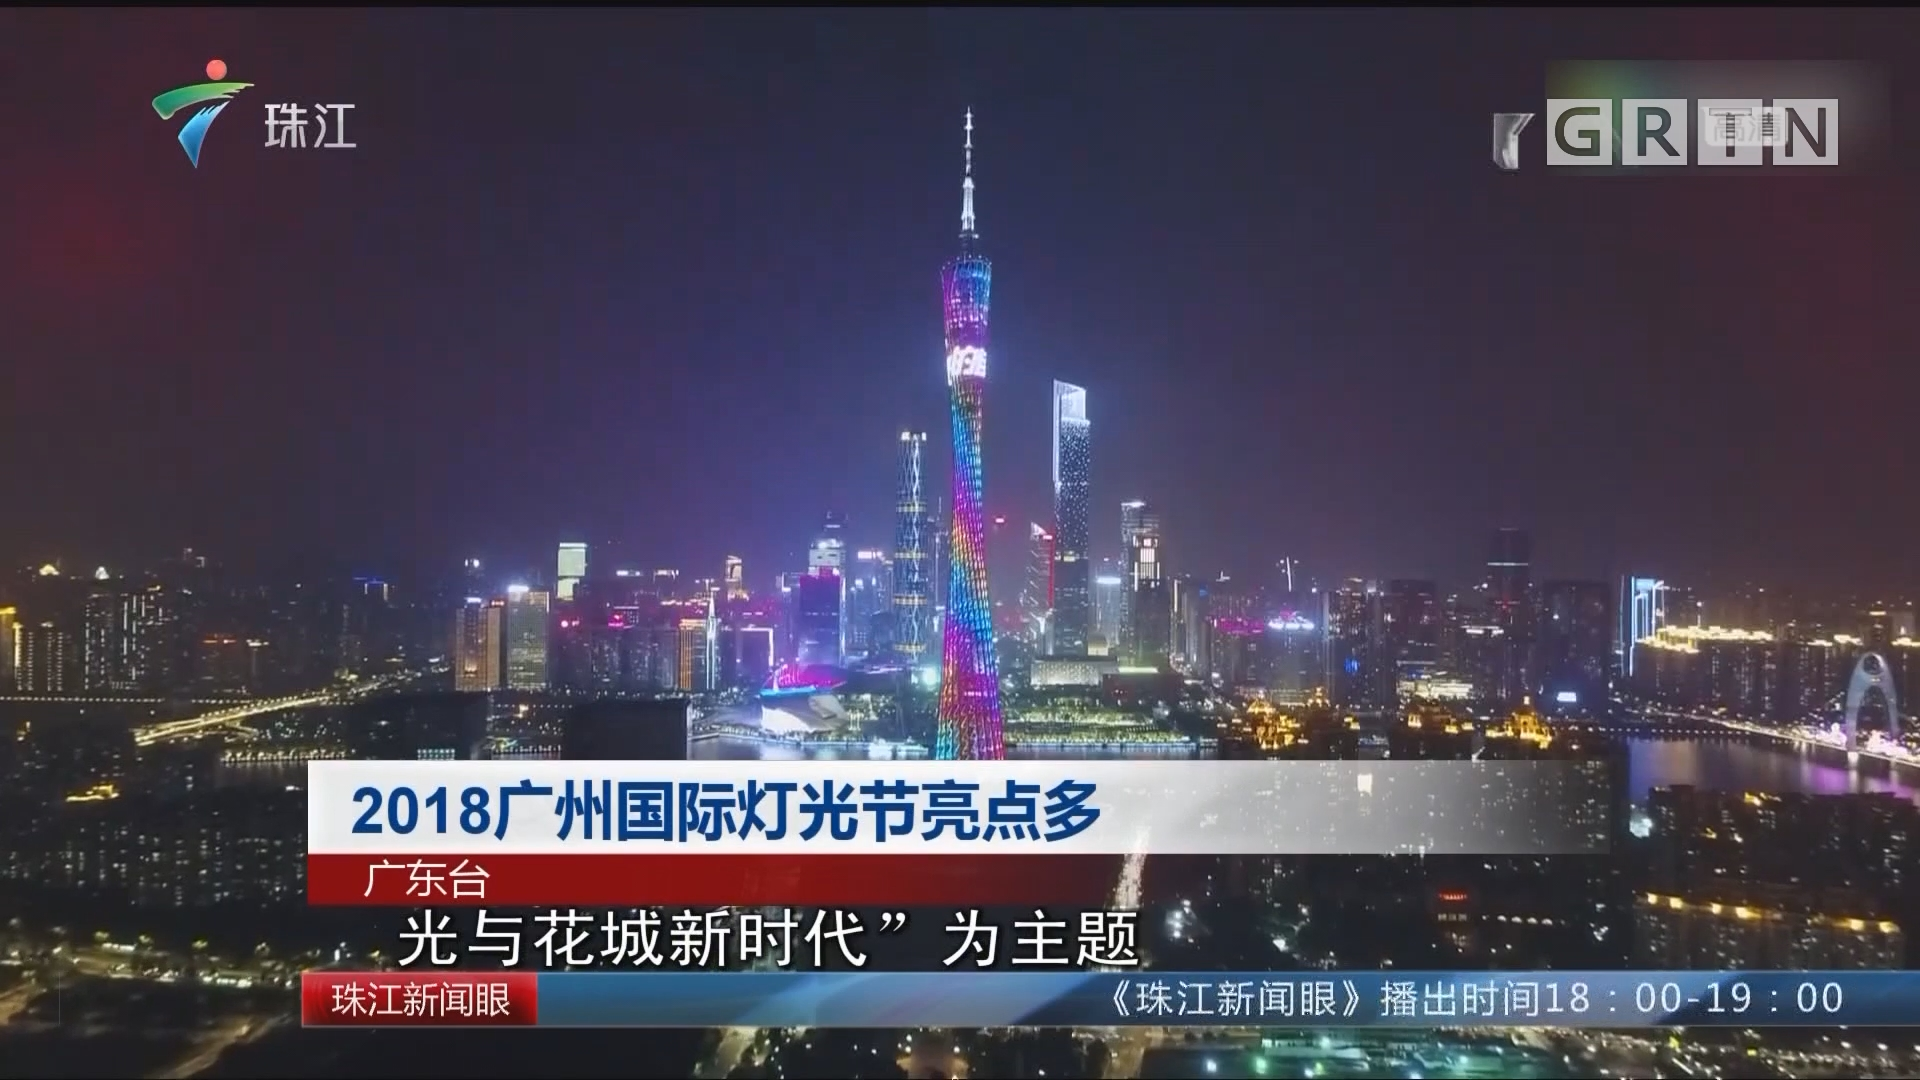 2018广州国际灯光节亮点多